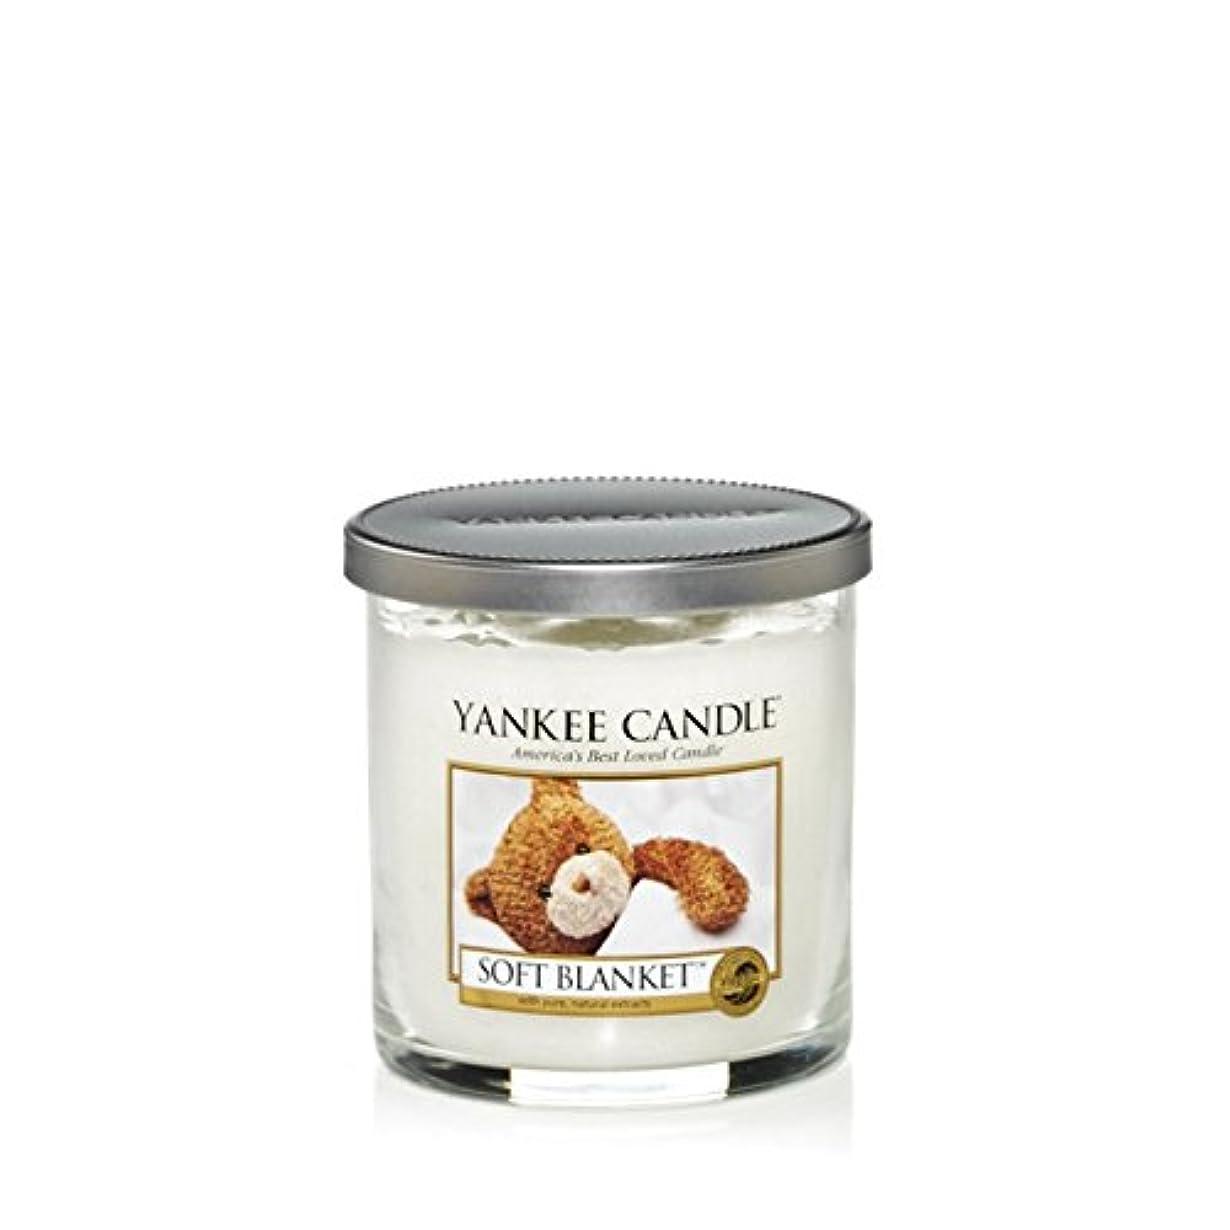 刈り取るチューブアクティブYankee Candles Small Pillar Candle - Soft Blanket (Pack of 6) - ヤンキーキャンドルの小さな柱キャンドル - ソフト毛布 (x6) [並行輸入品]